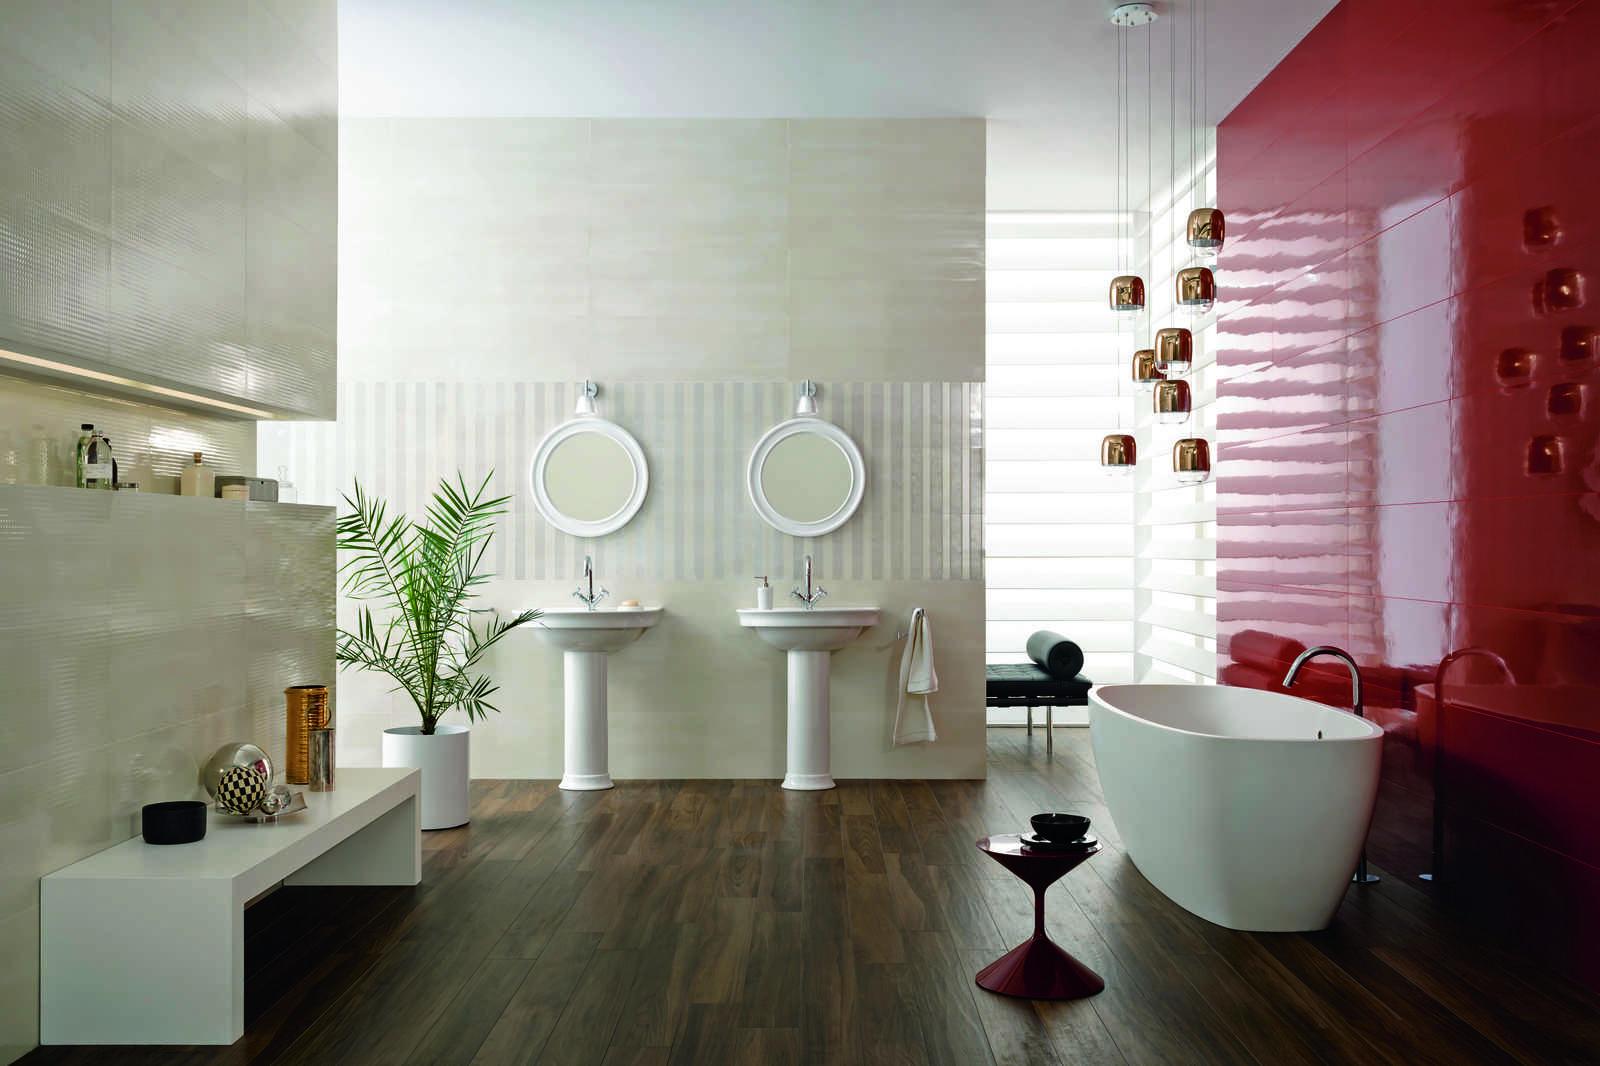 Imperfetto piastrelle bagno colorate marazzi - Marazzi piastrelle bagno ...